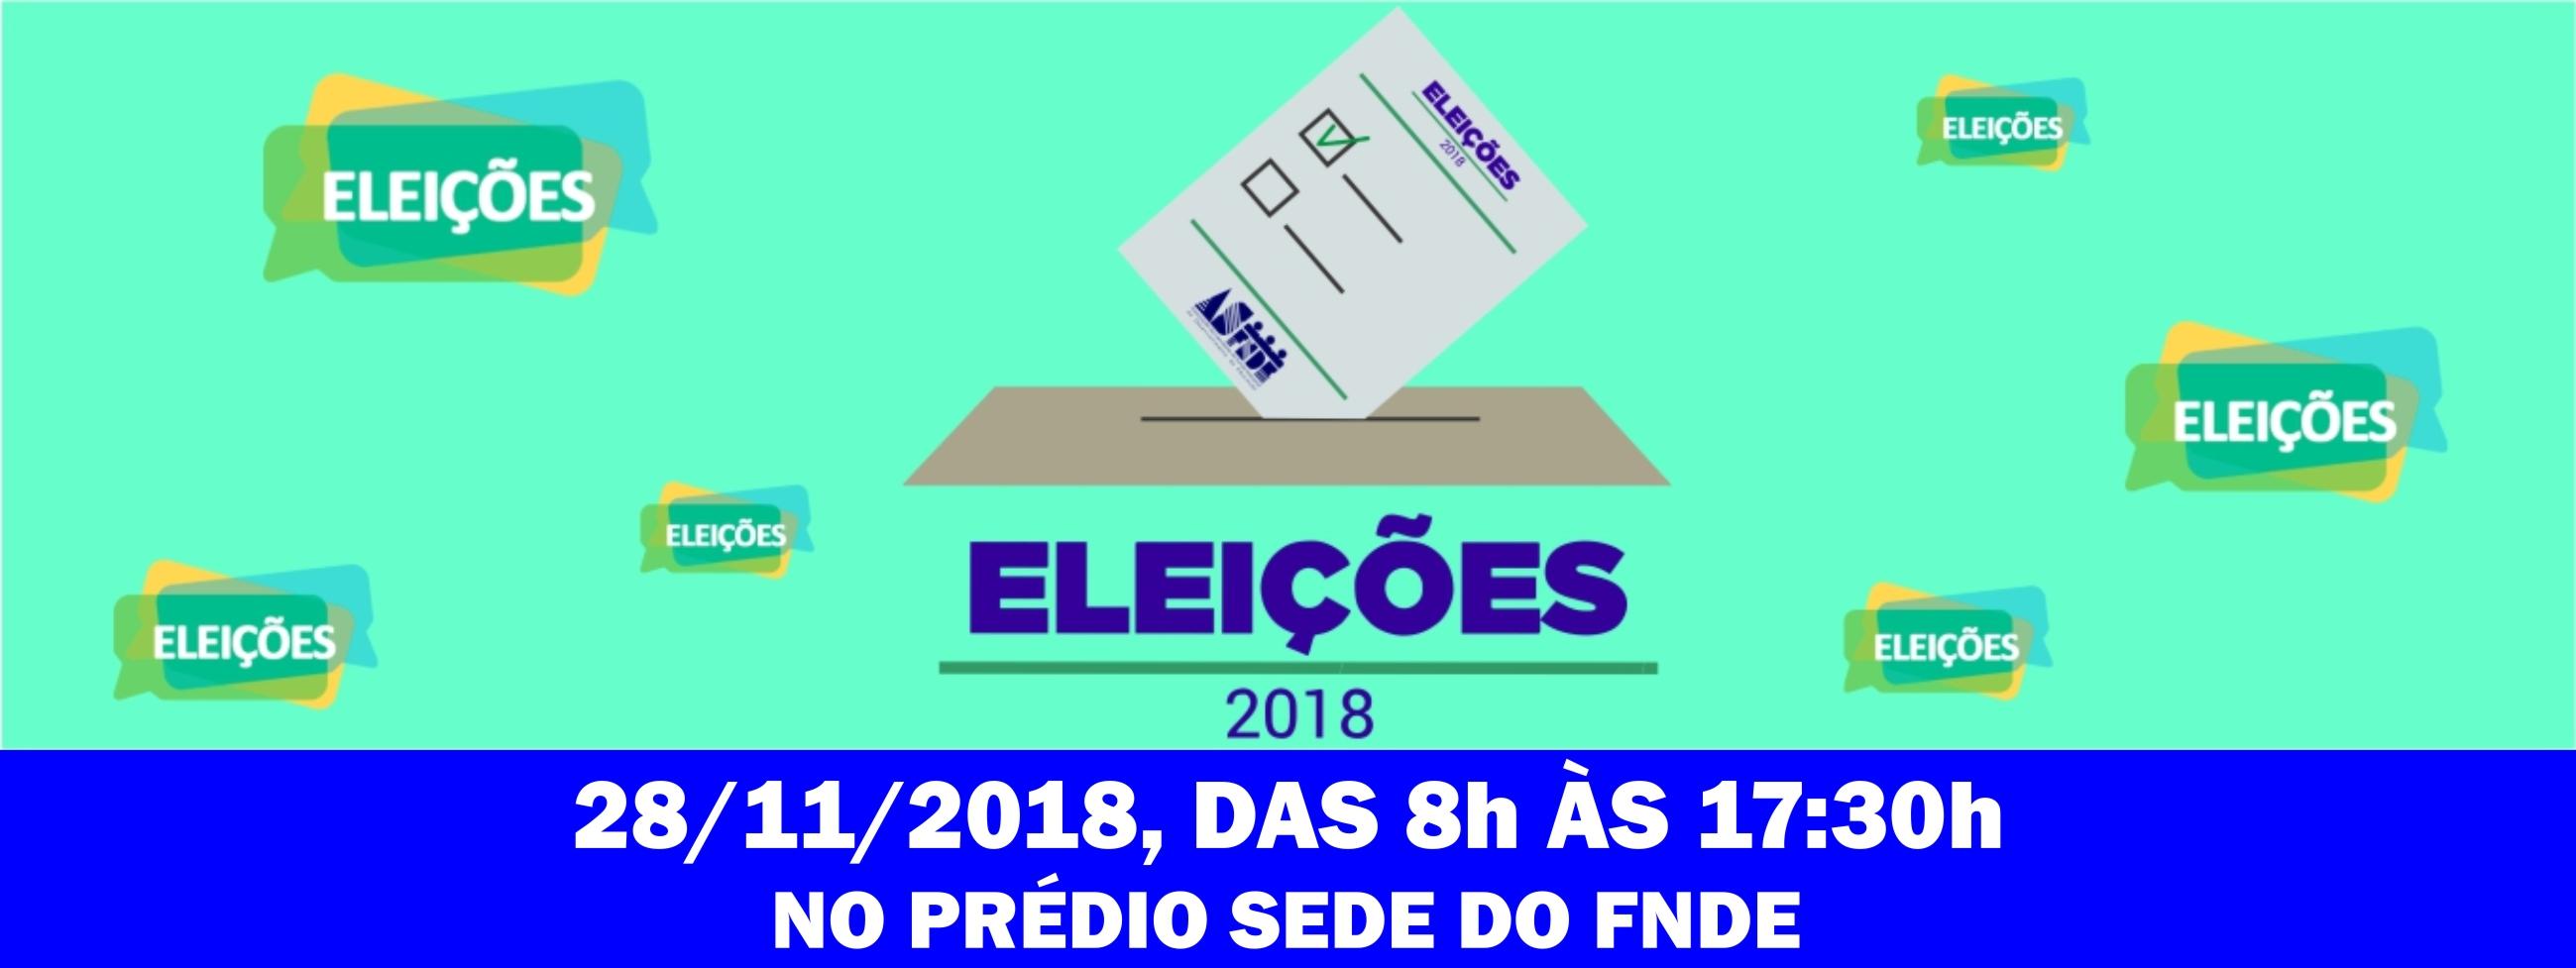 Eleições da ASFNDE – Quadriênio 2019-2022